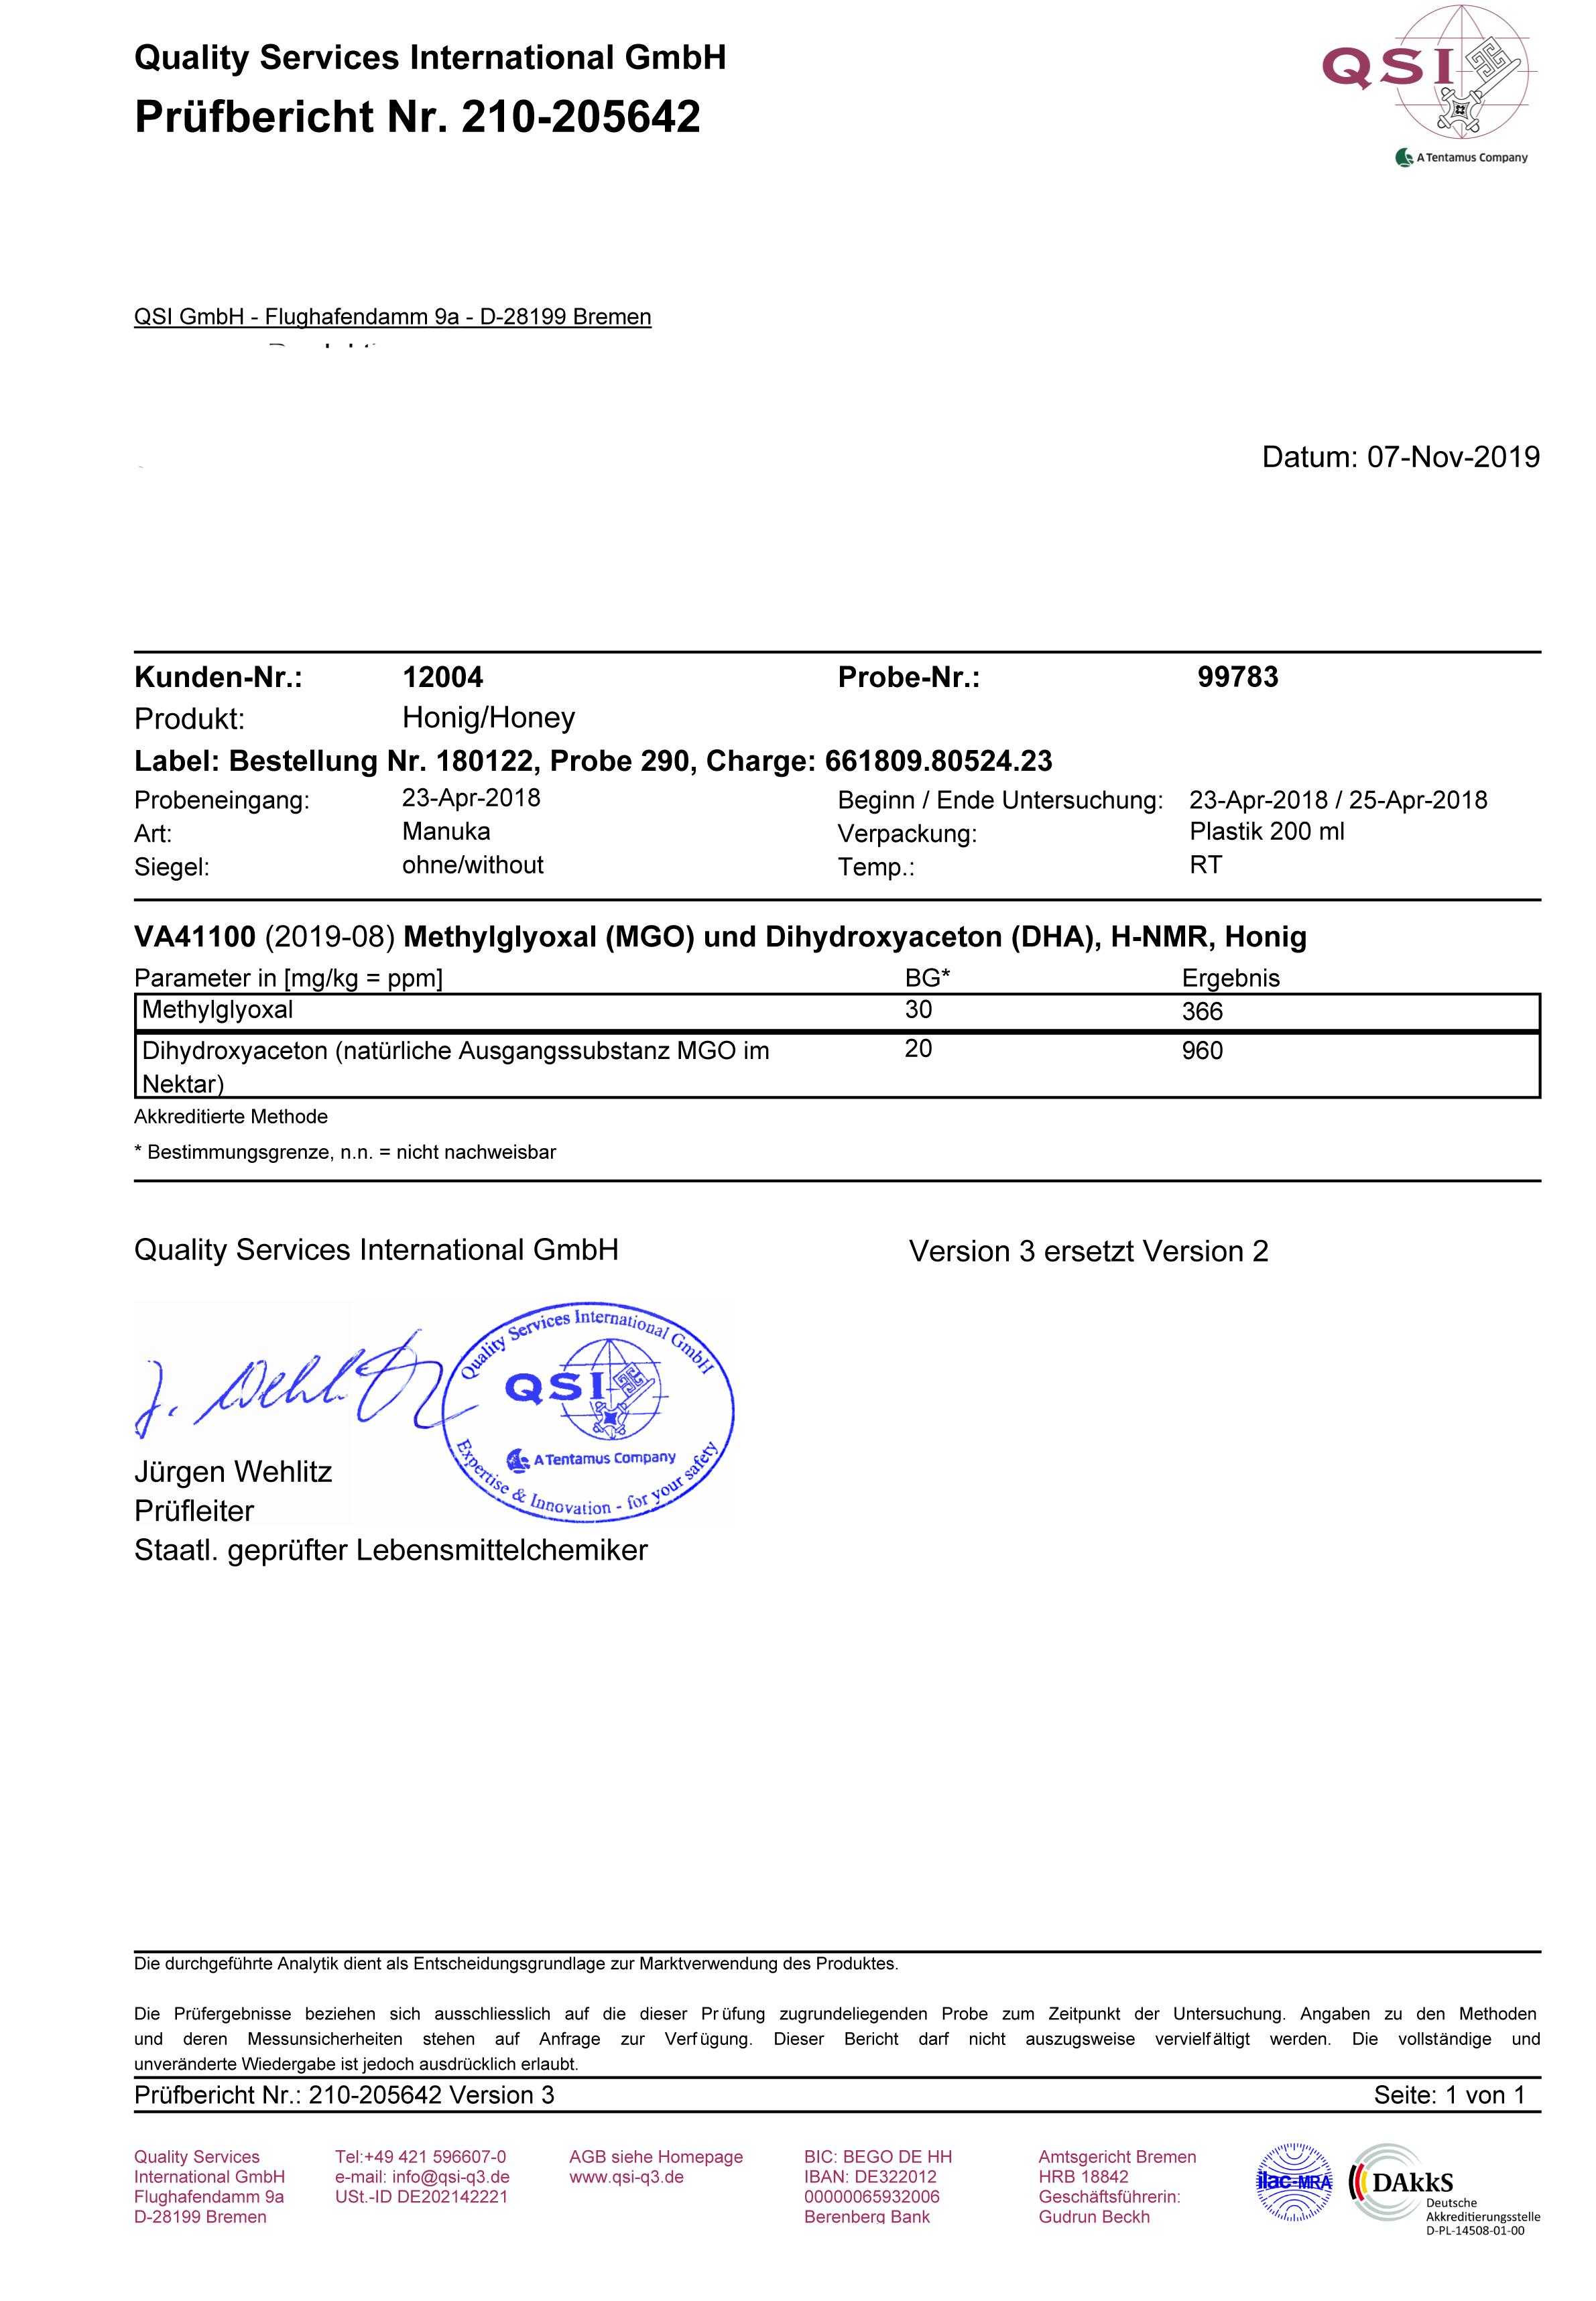 Manuka Honig MGO 366